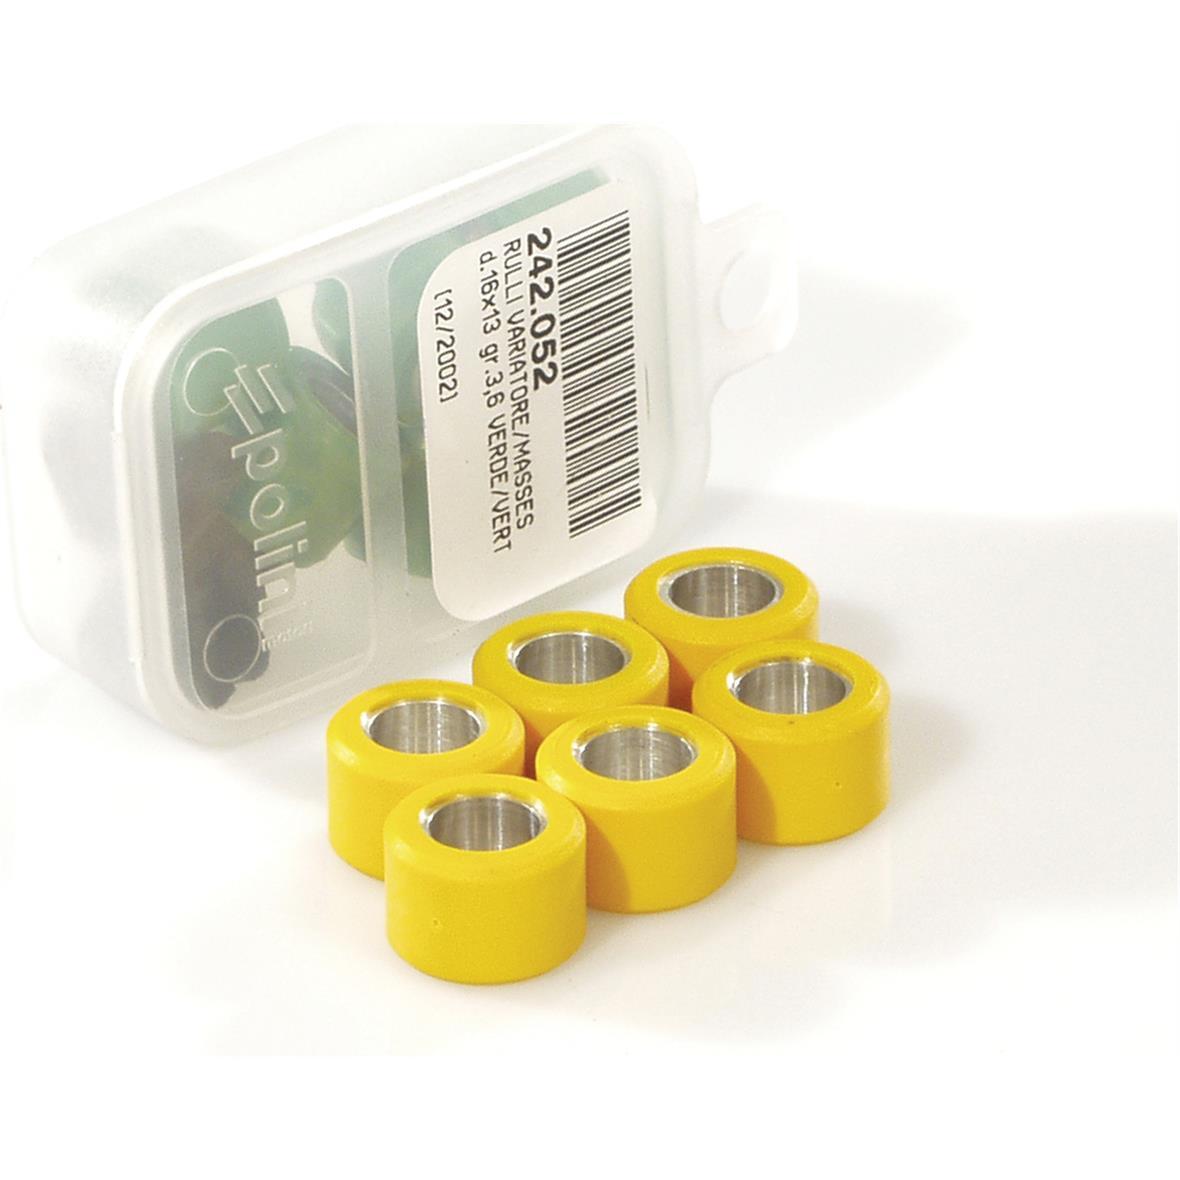 Image du produit 'Rouleaux de variateur POLINI 20x12 mm 14,1g'